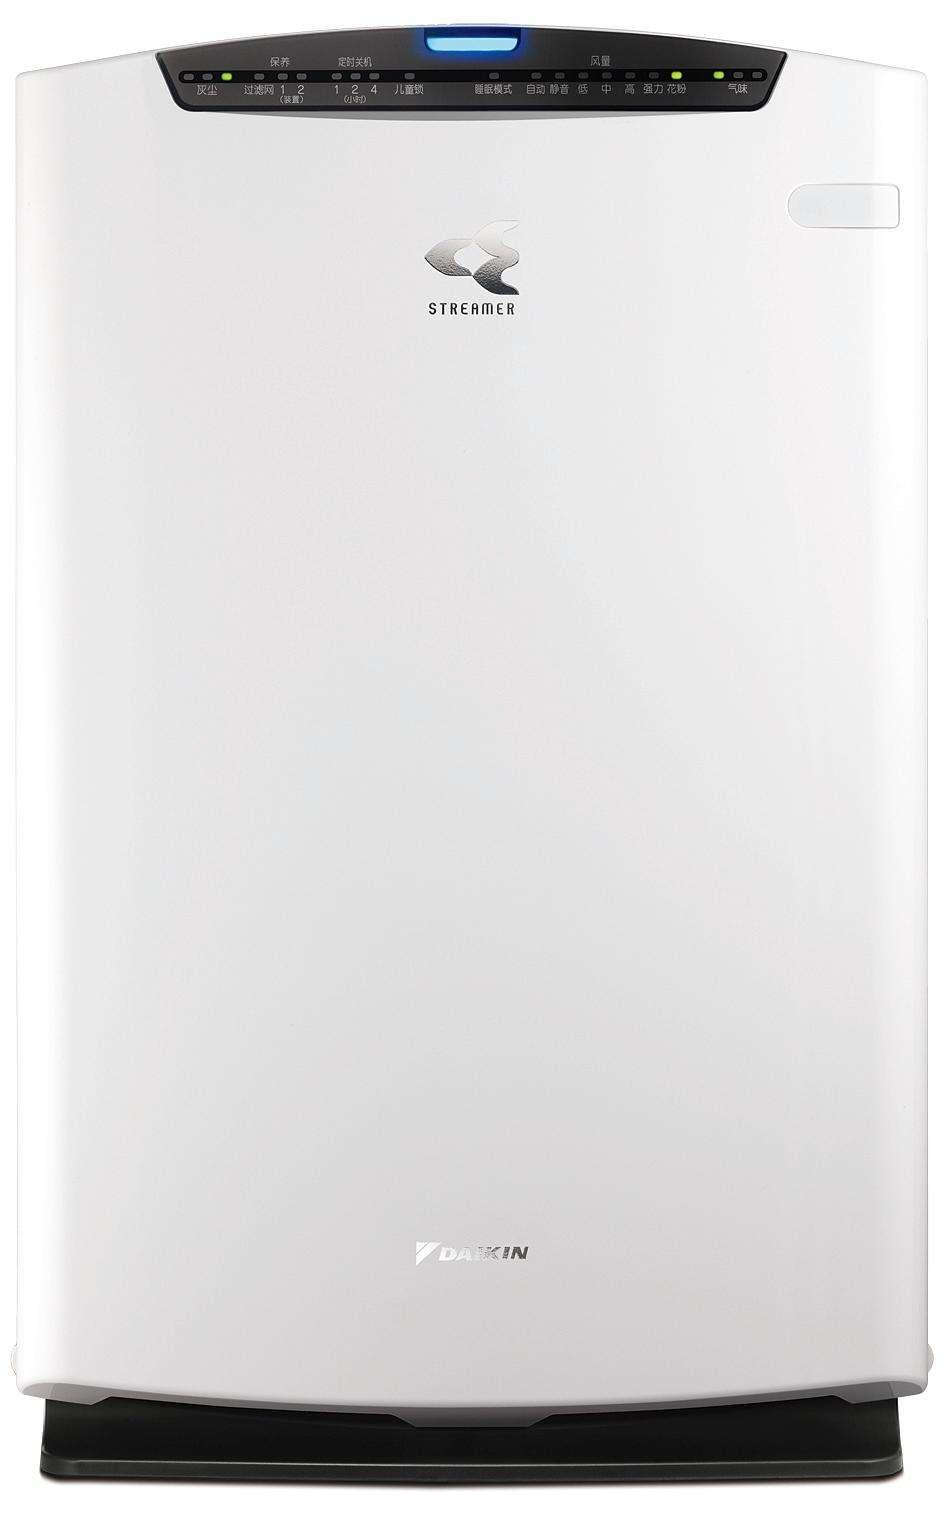 大金空气净化器报价—大金空气净化器价格行情